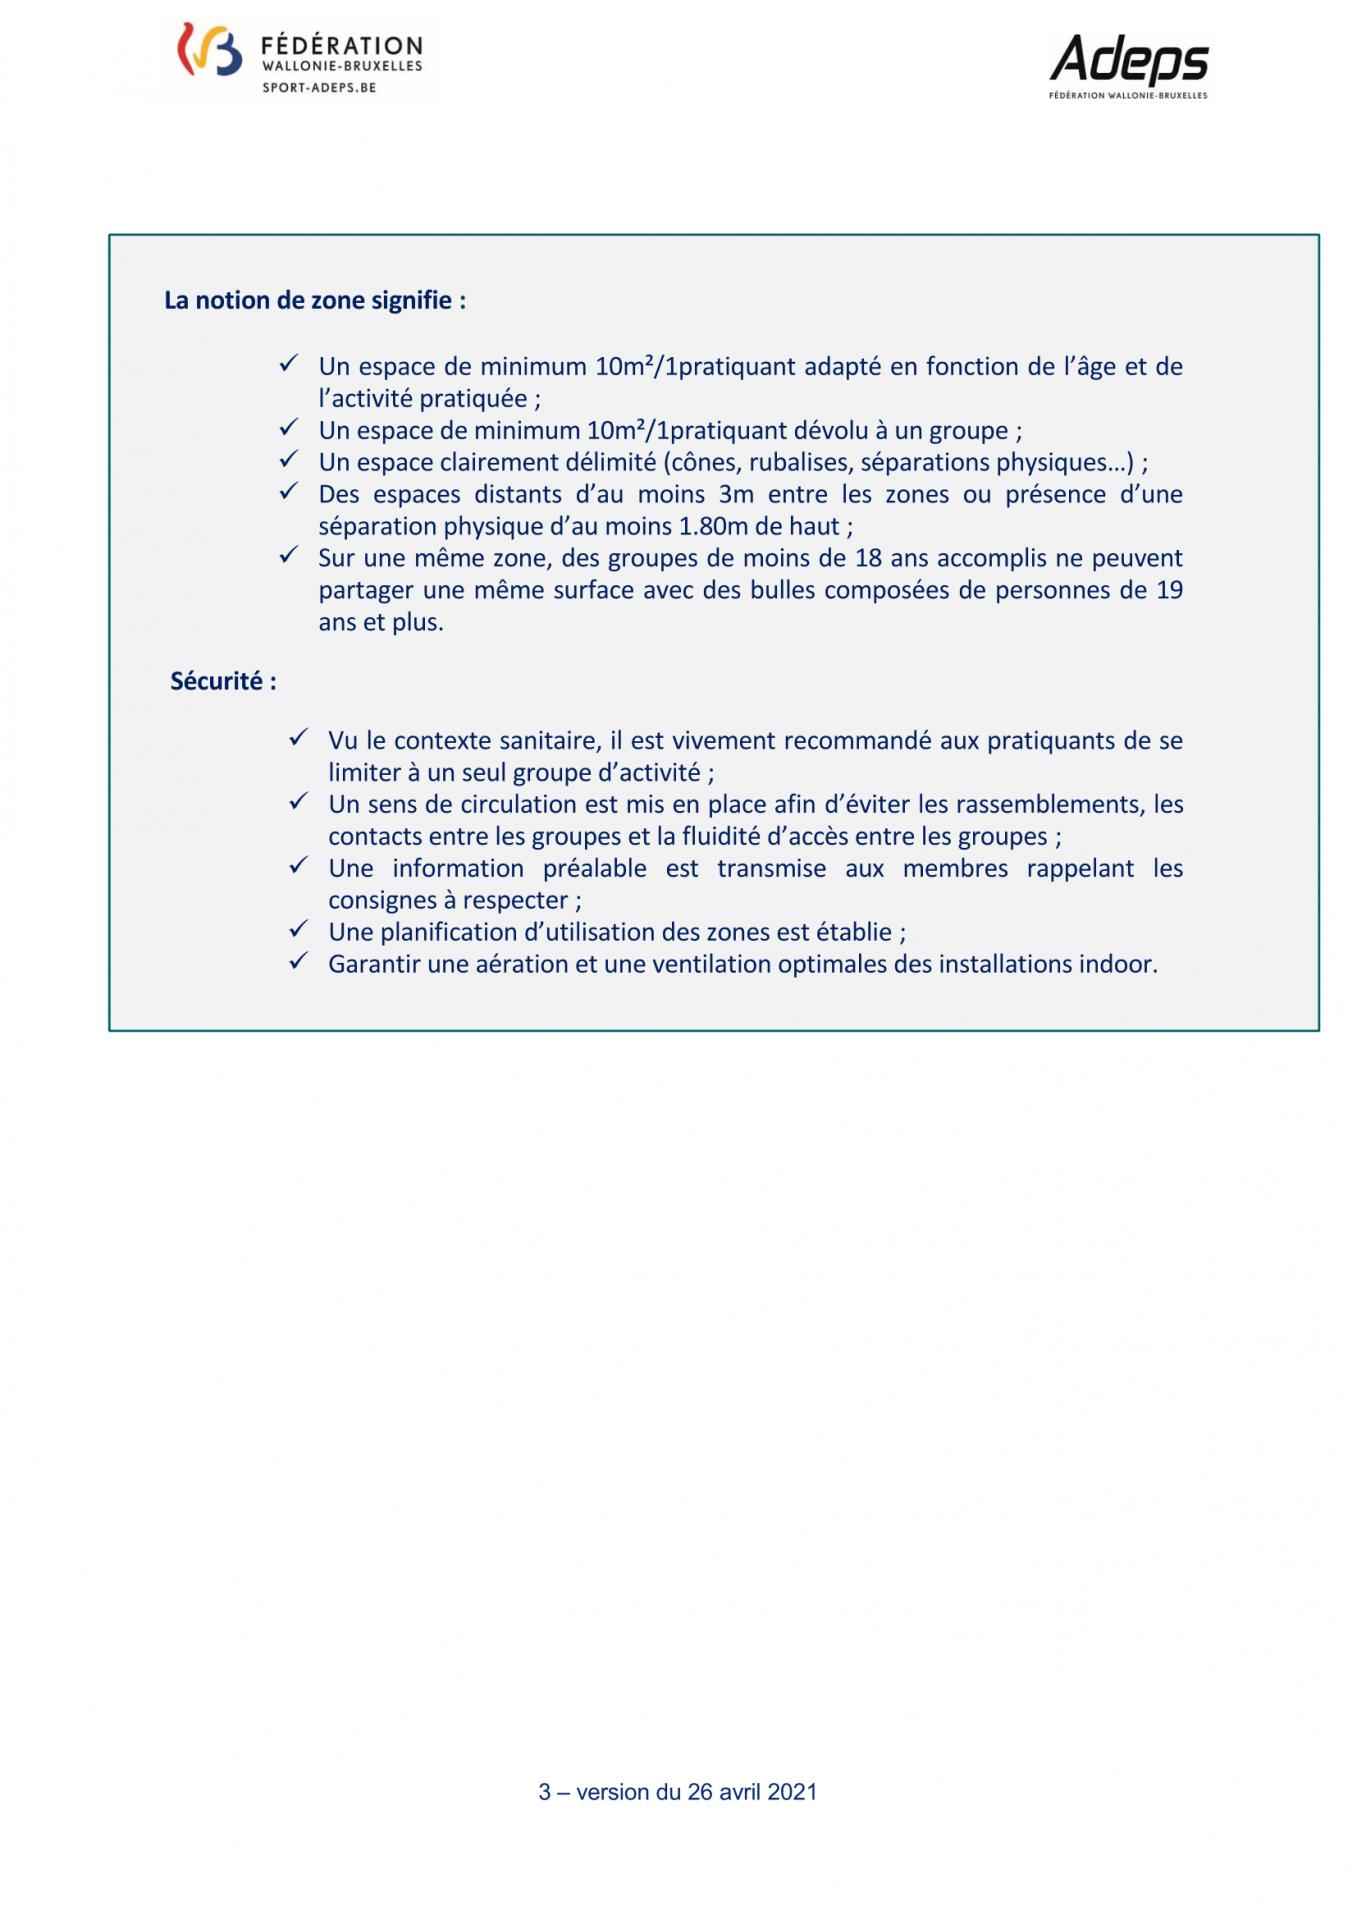 Protocole activites physiques et sportives 26 avril 2021 page 7